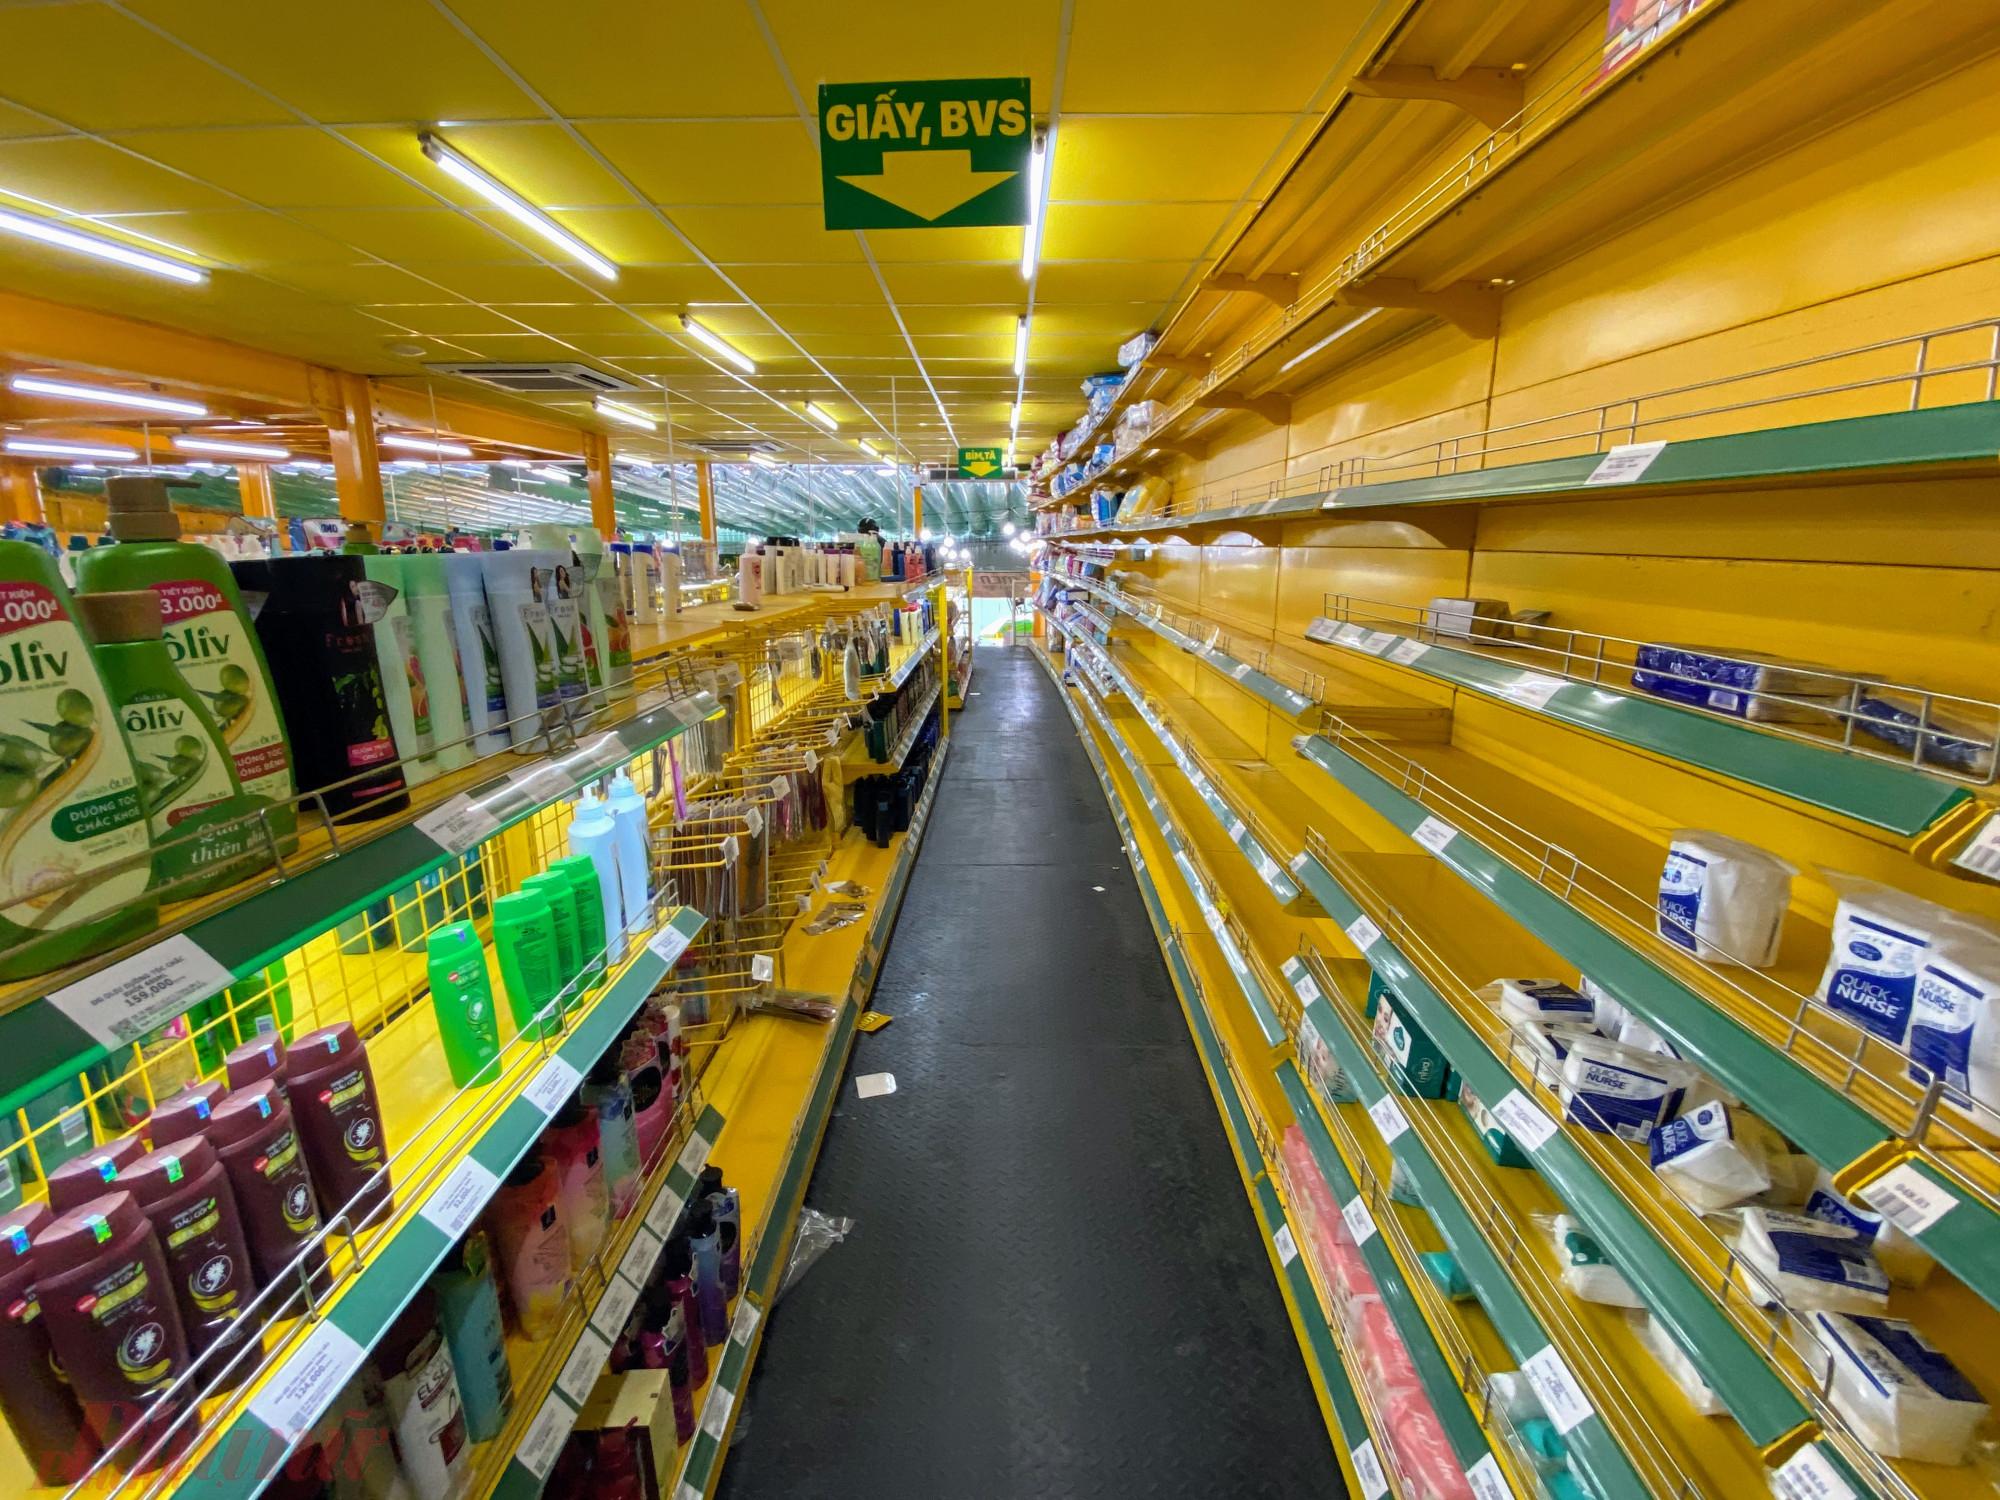 Tình trạng thiết hụt hàng hóa diễn ra cục bộ tại nhiều cửa hàng ngày càng nhiều hơn. Ảnh: Quốc Thái